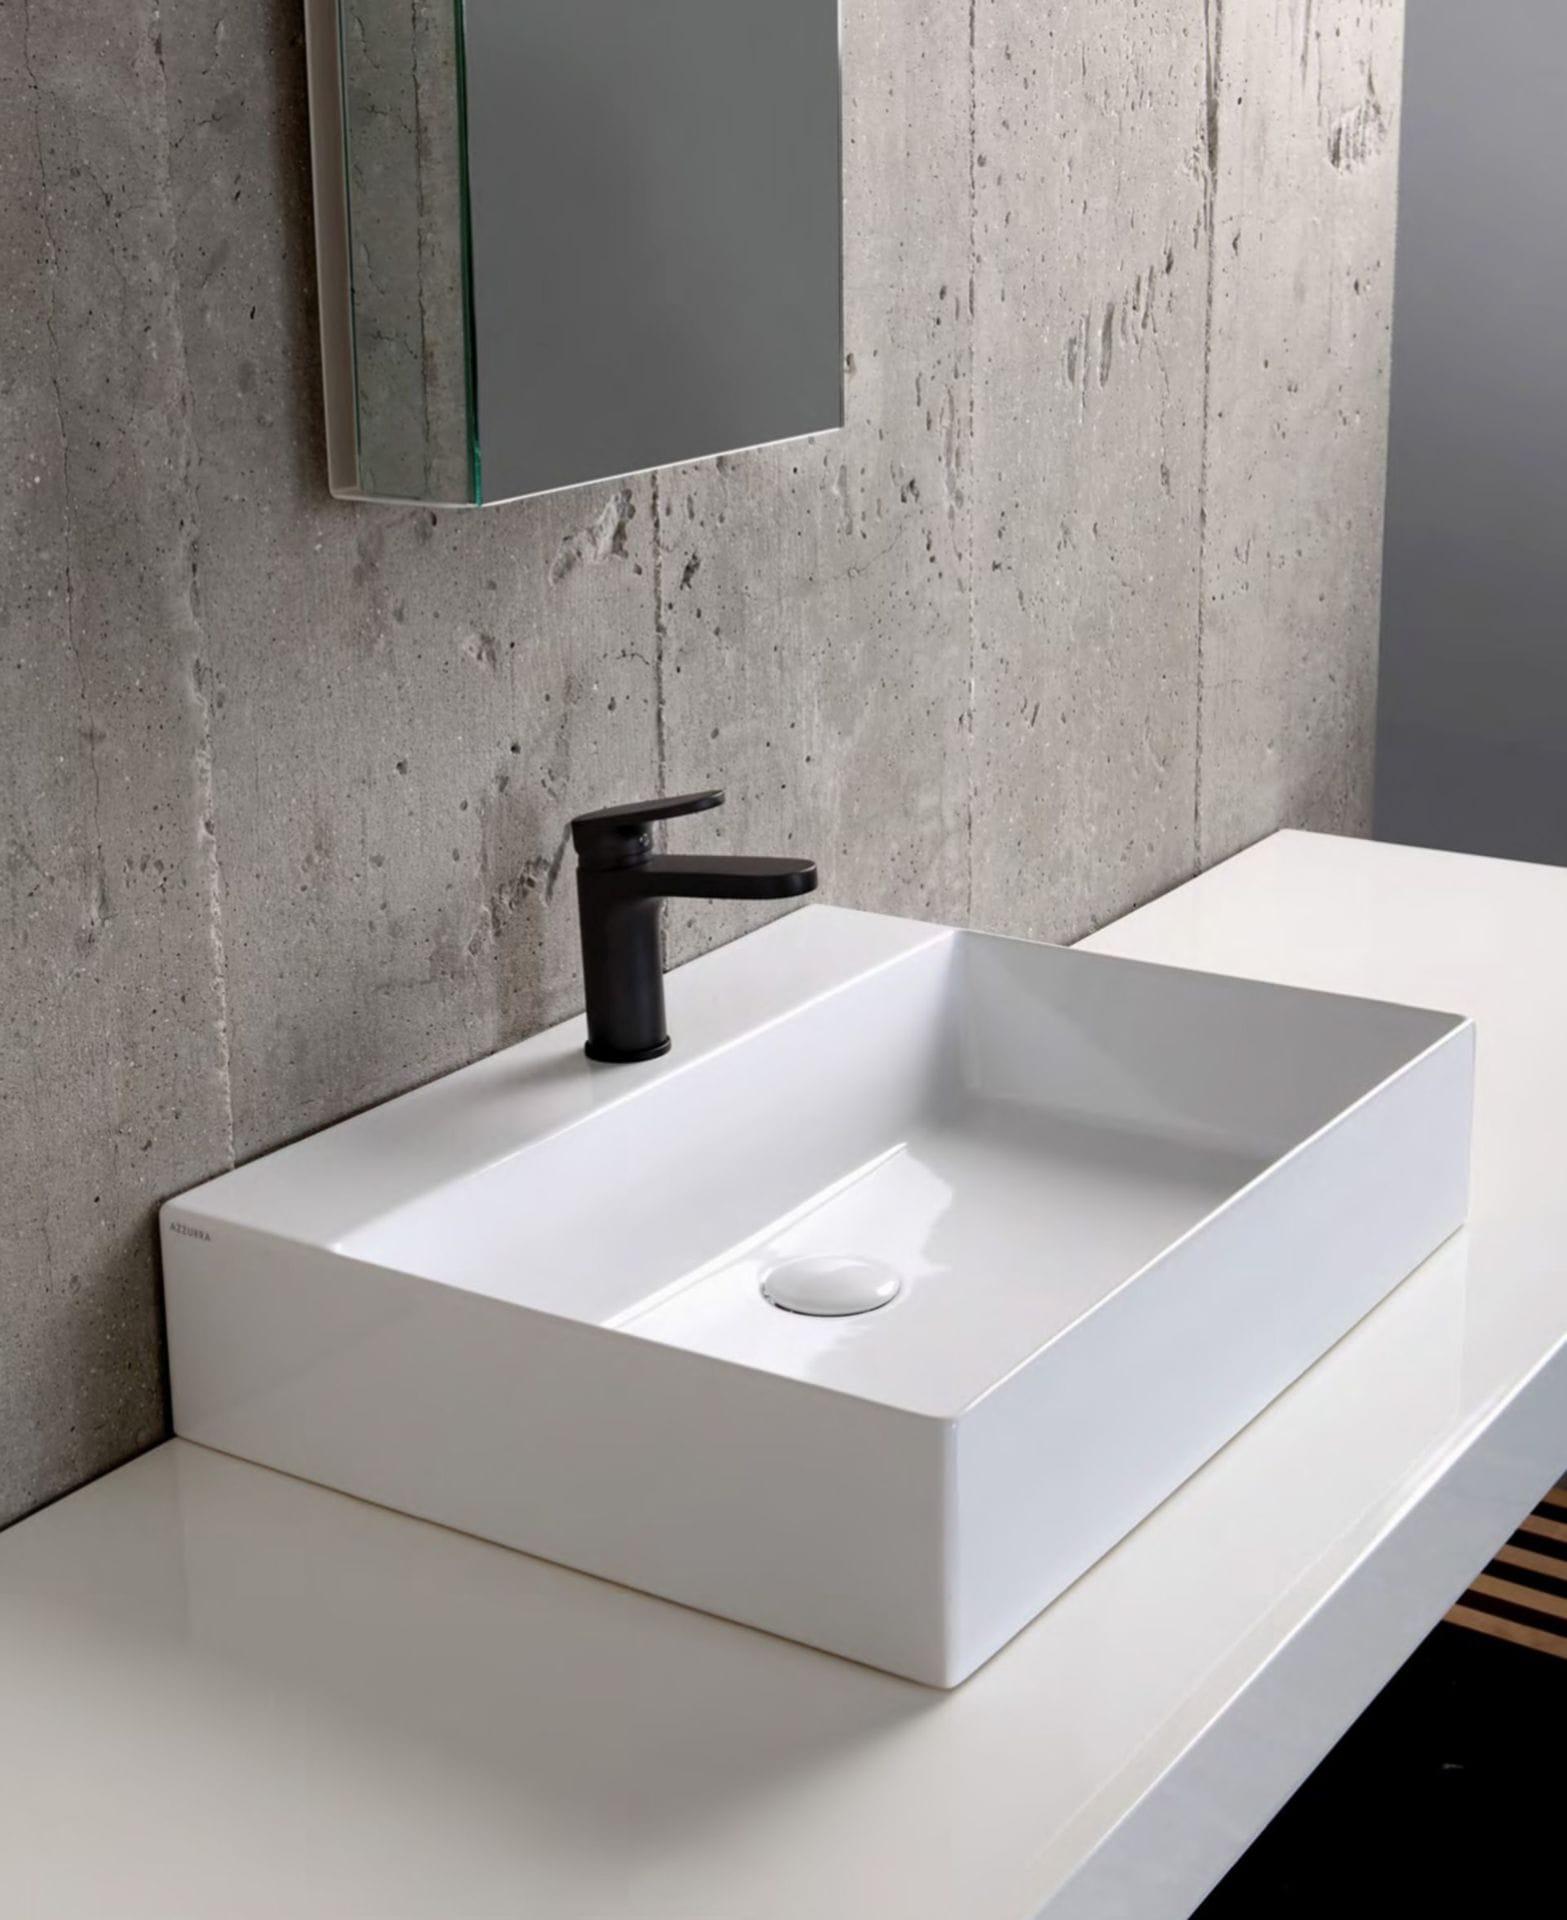 Minimalistická hranatá umyvadla pro vaši koupelnu 0